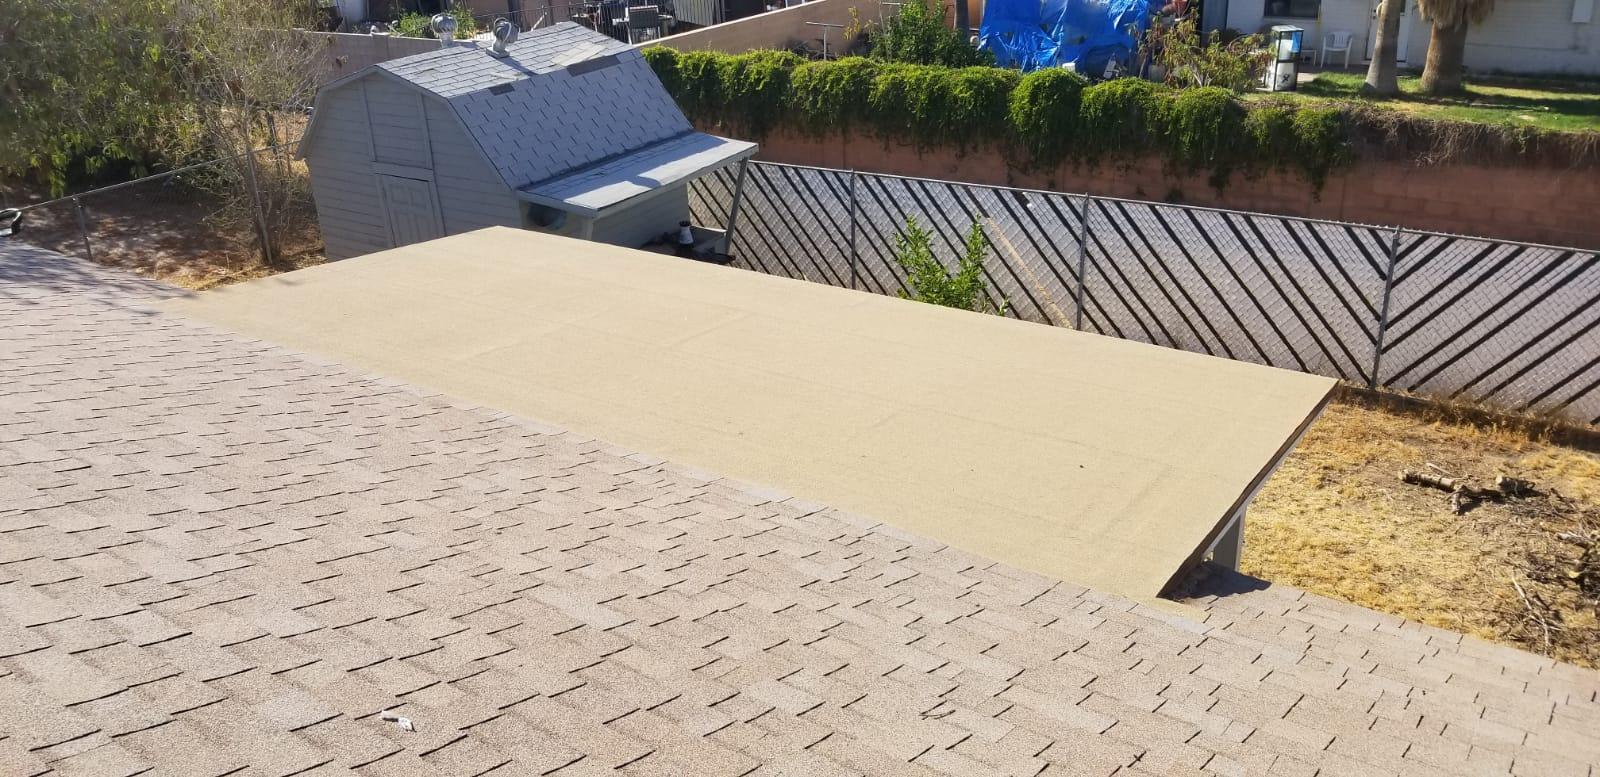 Asphalt Shingles Common roof Type